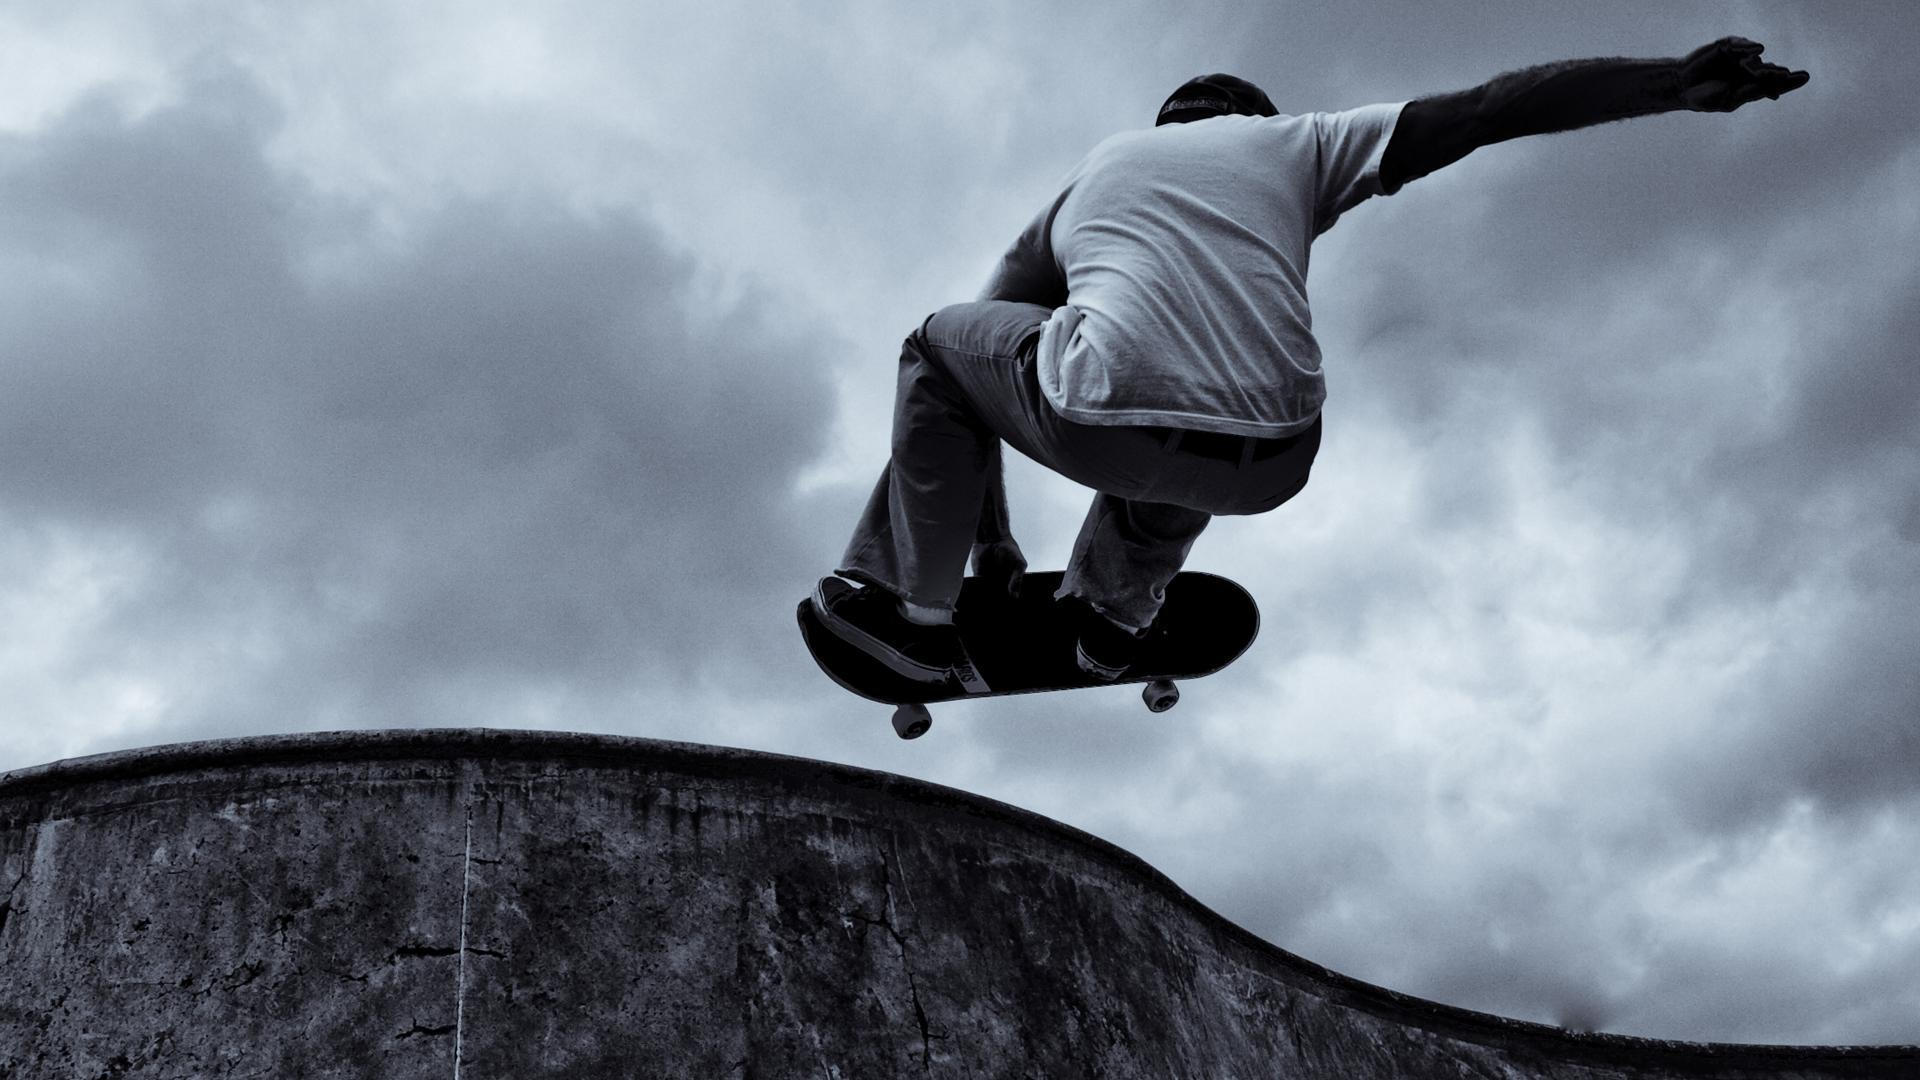 Skateboarding Hd Wallpaper